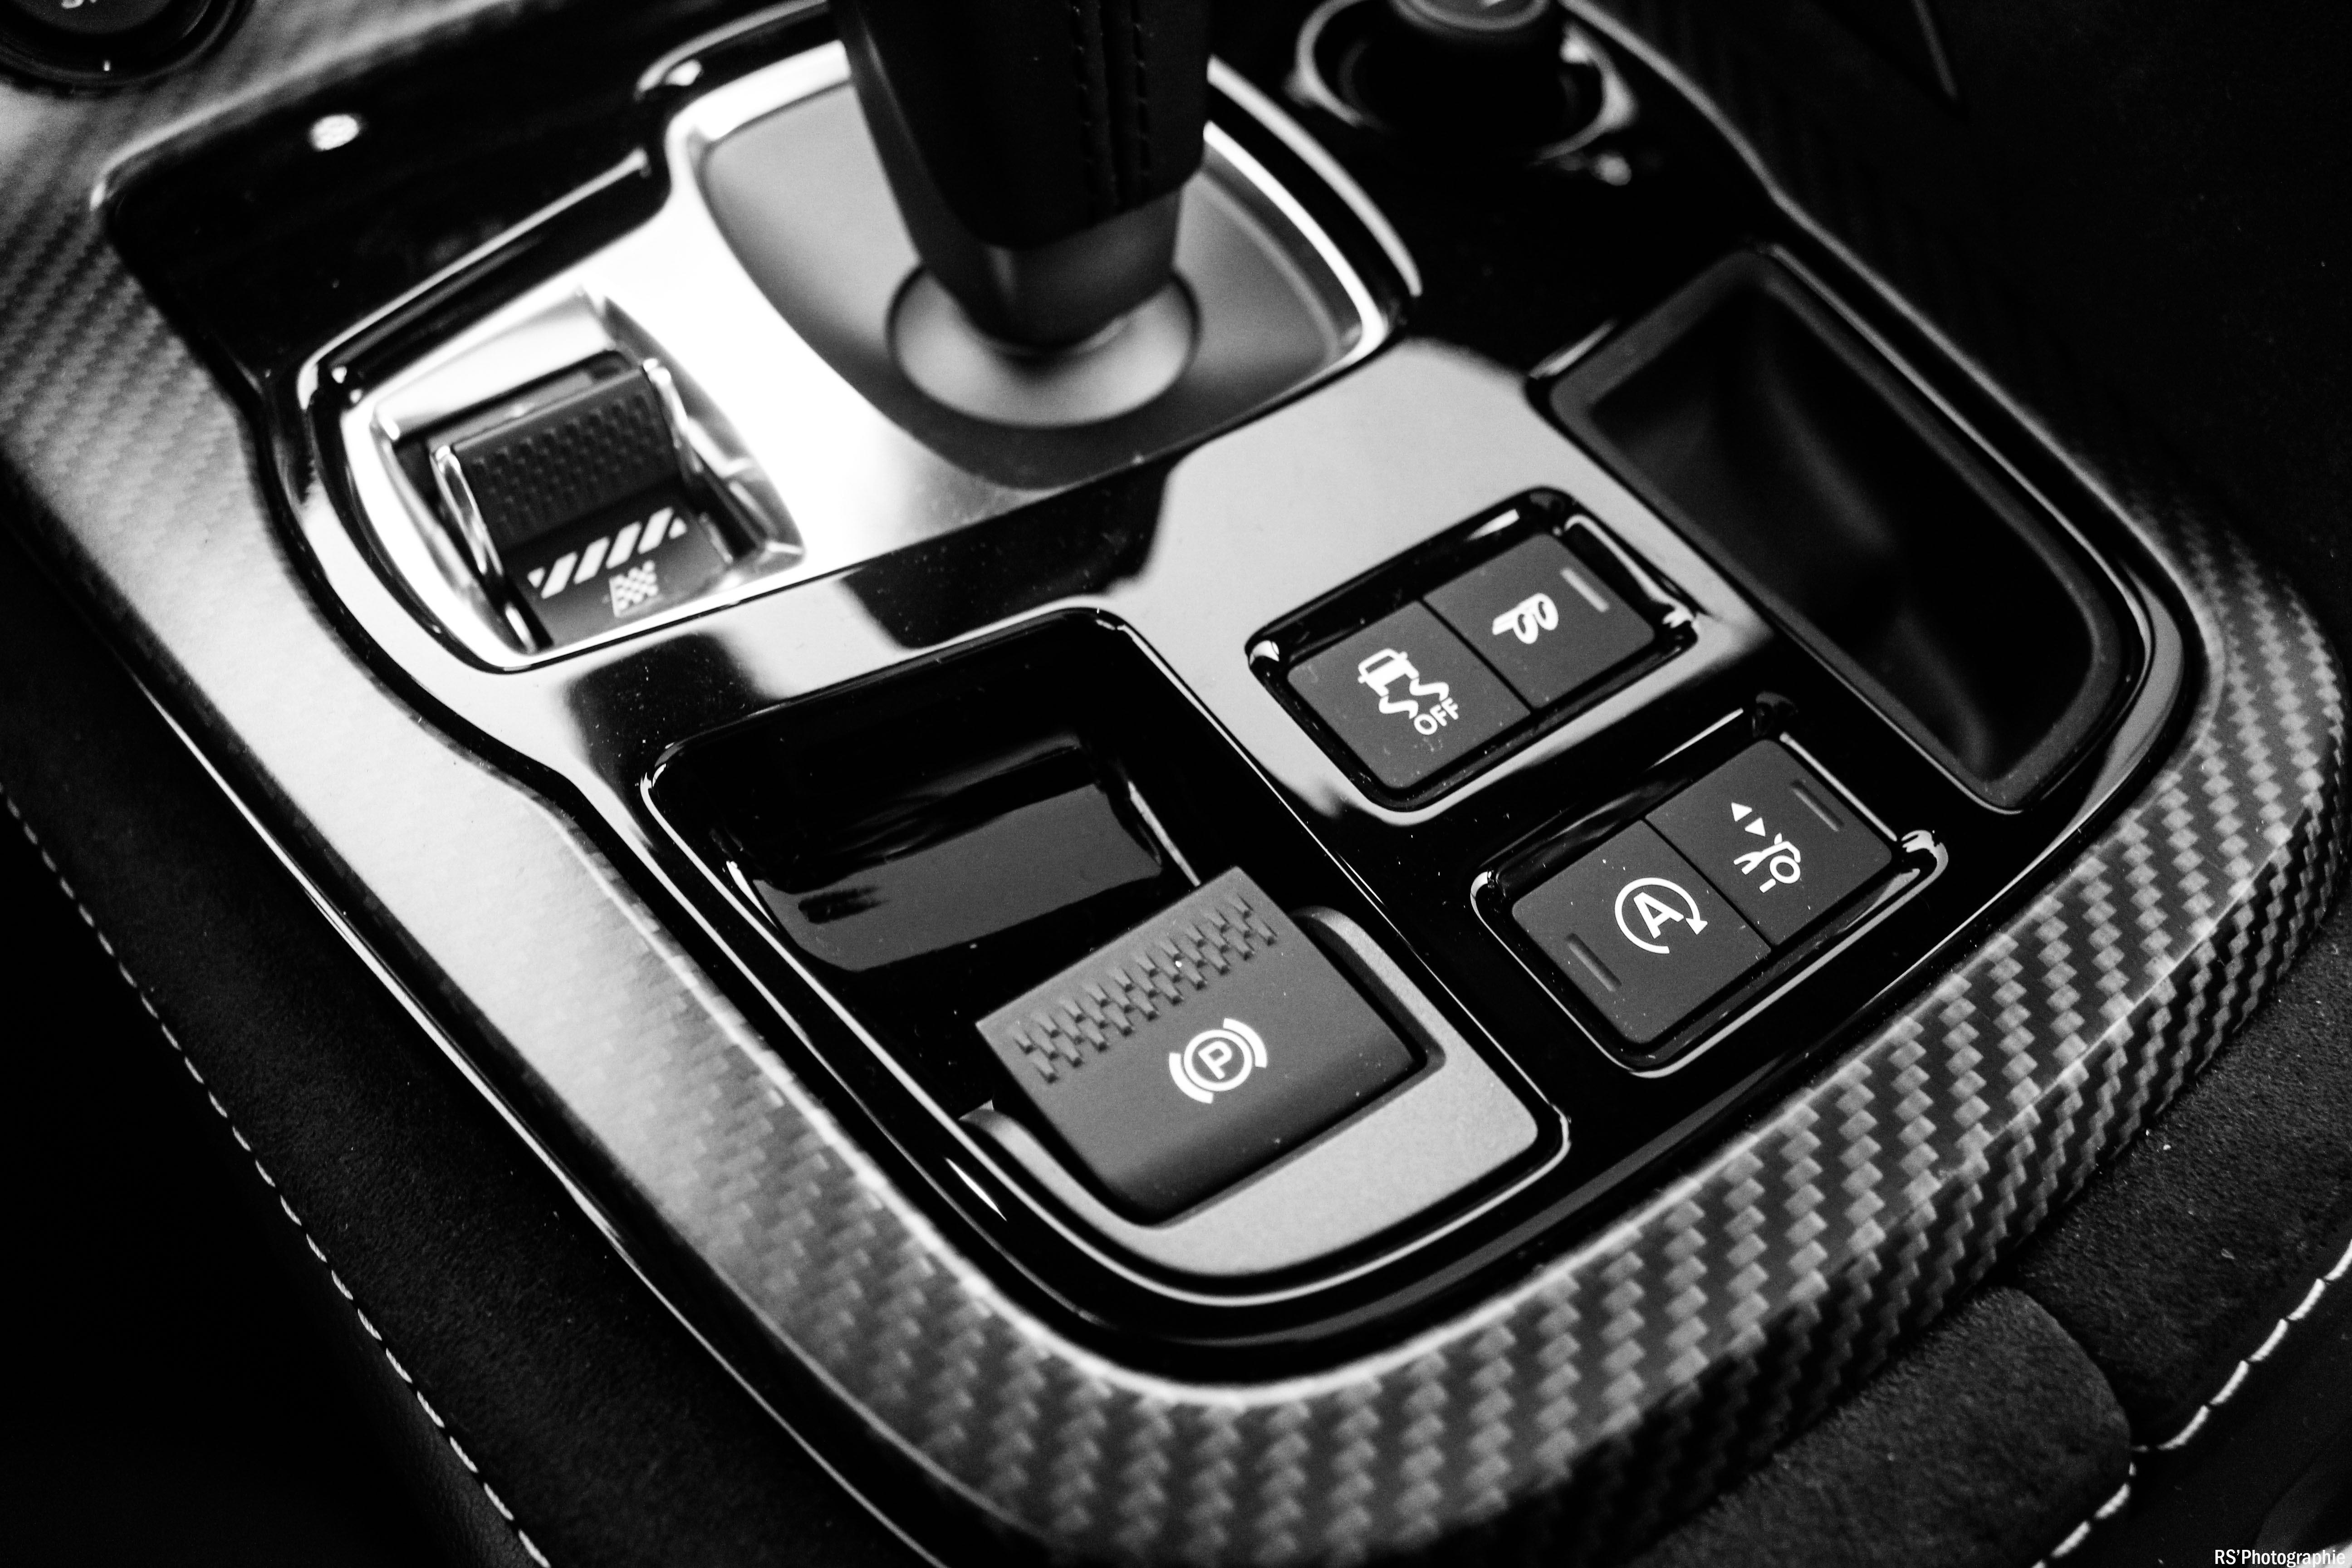 jaguarftypesvr56-jaguar-ftype-svr-intérieur-onboard-arnaud-demasier-rsphotographie